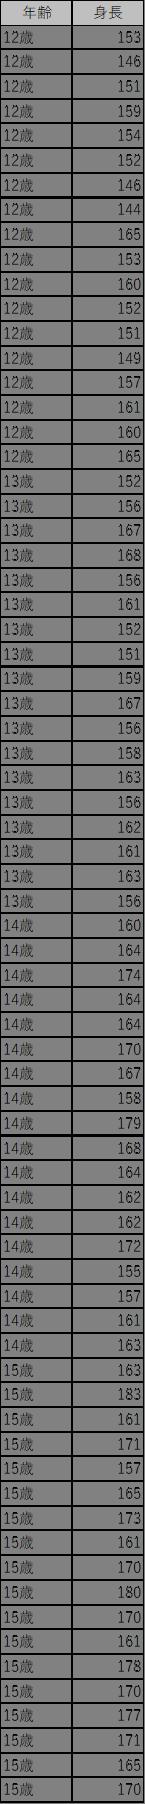 サンプルデータの内容を1つの表にまとめたデータ